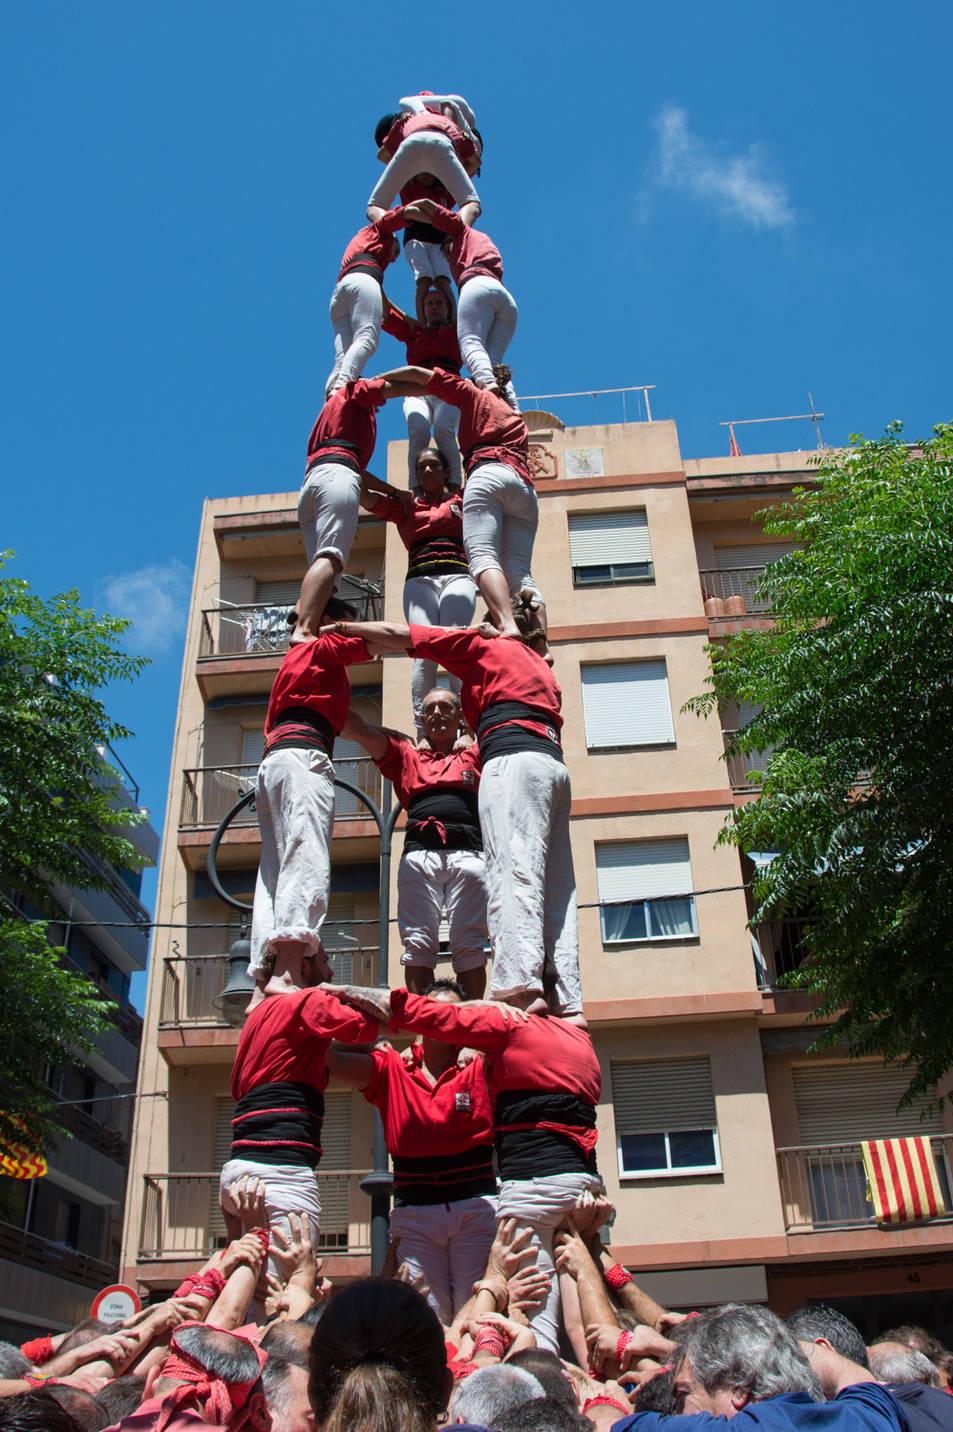 3de8 dels Castellers de Barcelona a la diada de la Verge del Carme.